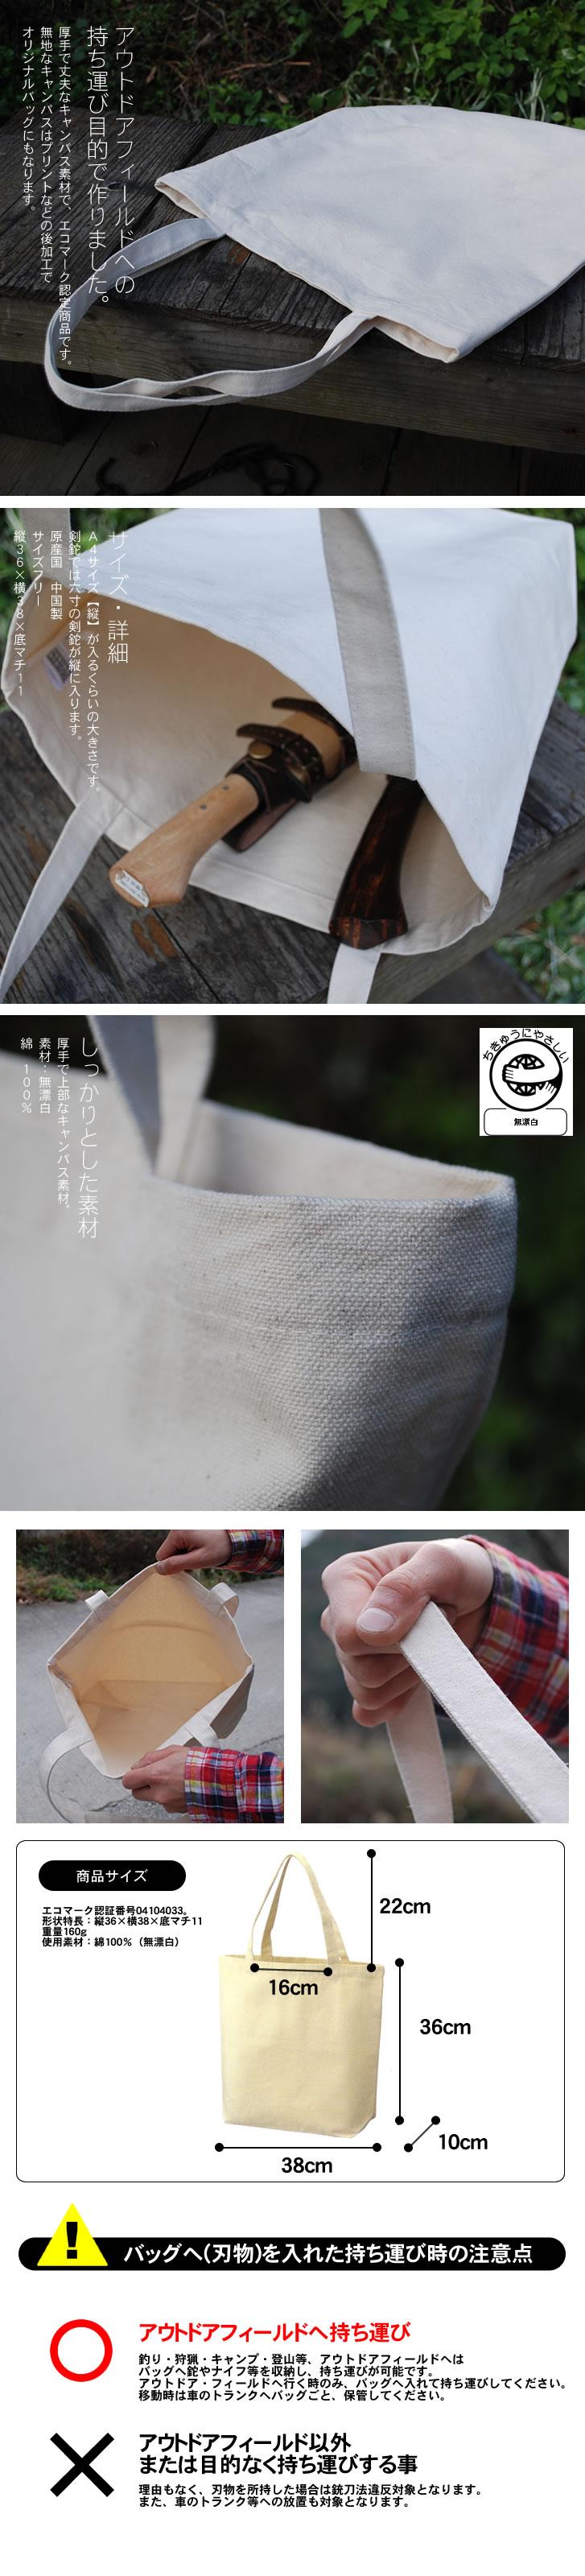 トヨクニオリジナル(和式刃物収納バッグ)